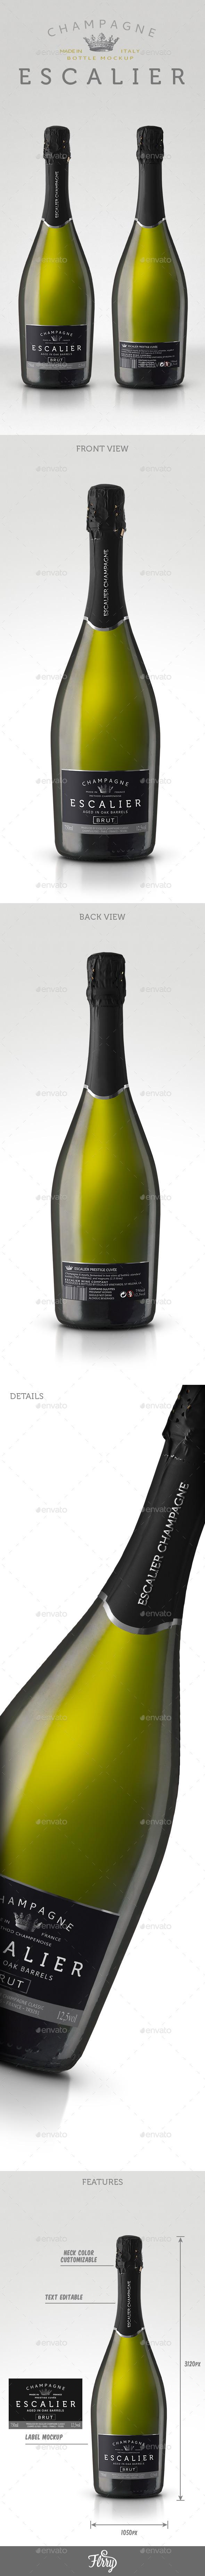 GraphicRiver Champagne Gran Cuvee Bottle Mockup 10705980